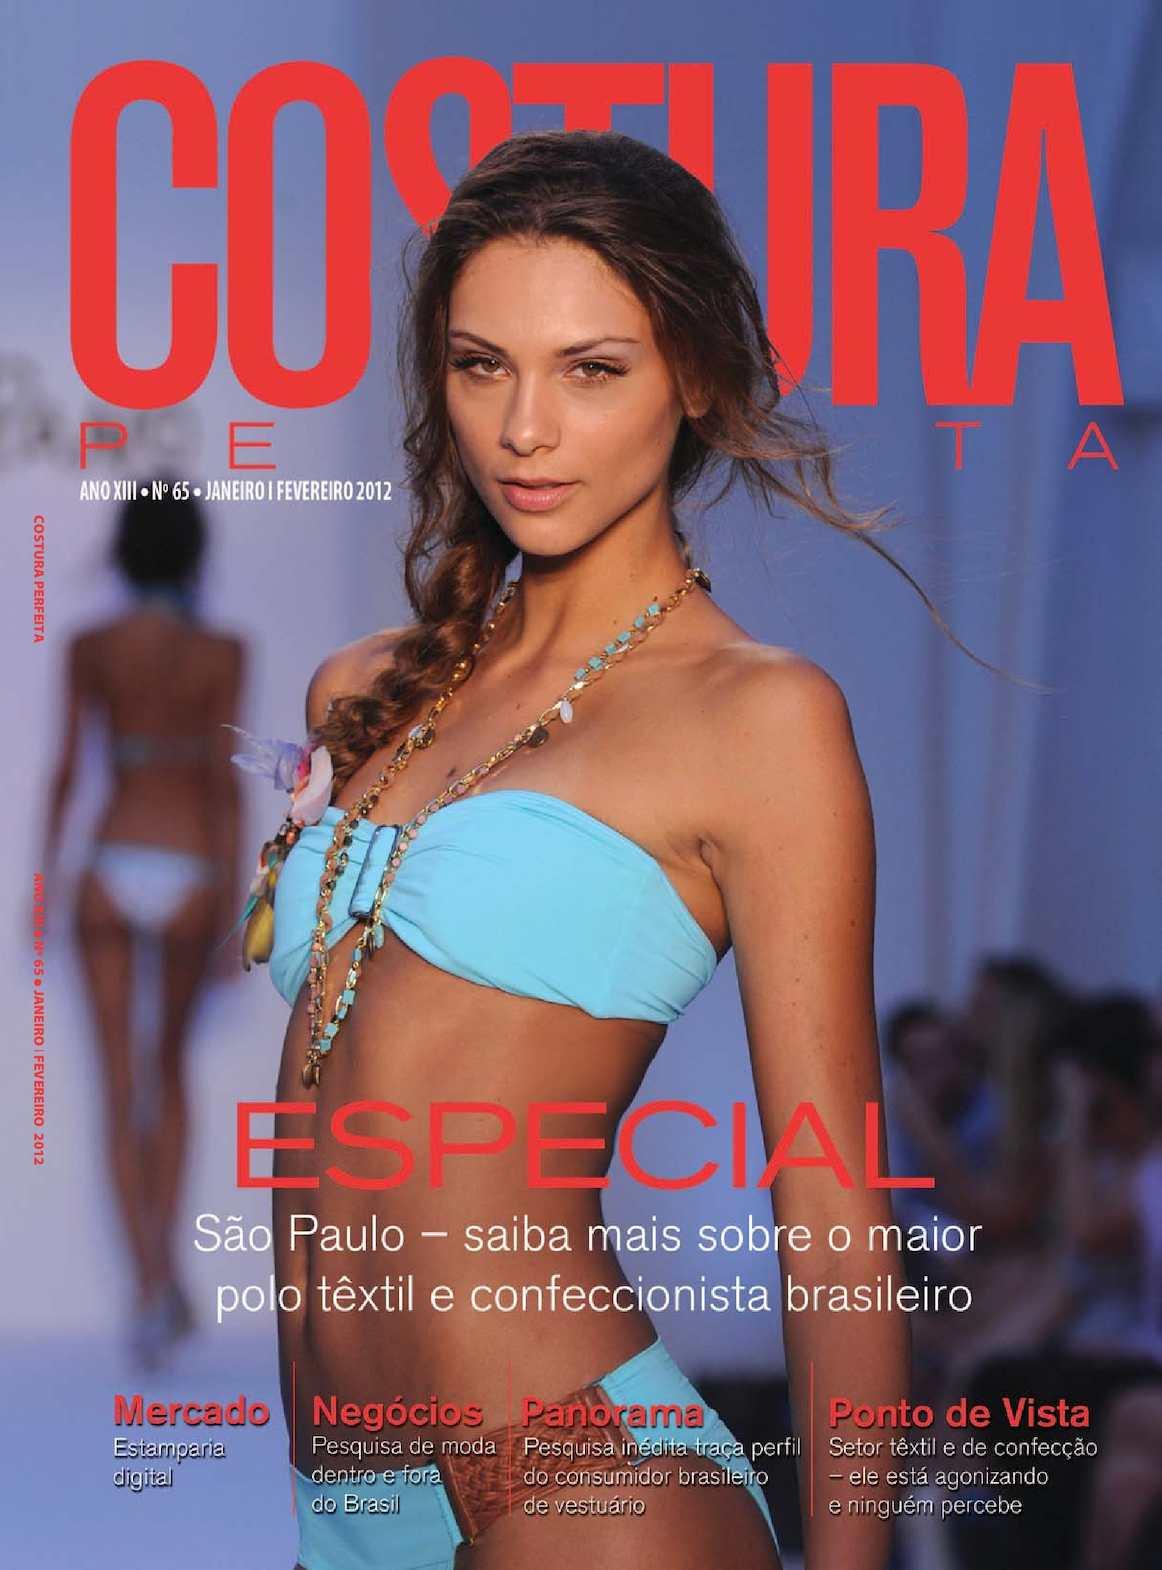 5888a75cb Calaméo - Revista Costura Perfeita Edição Ano XIII - N65 -  Janeiro-Fevereiro 2012